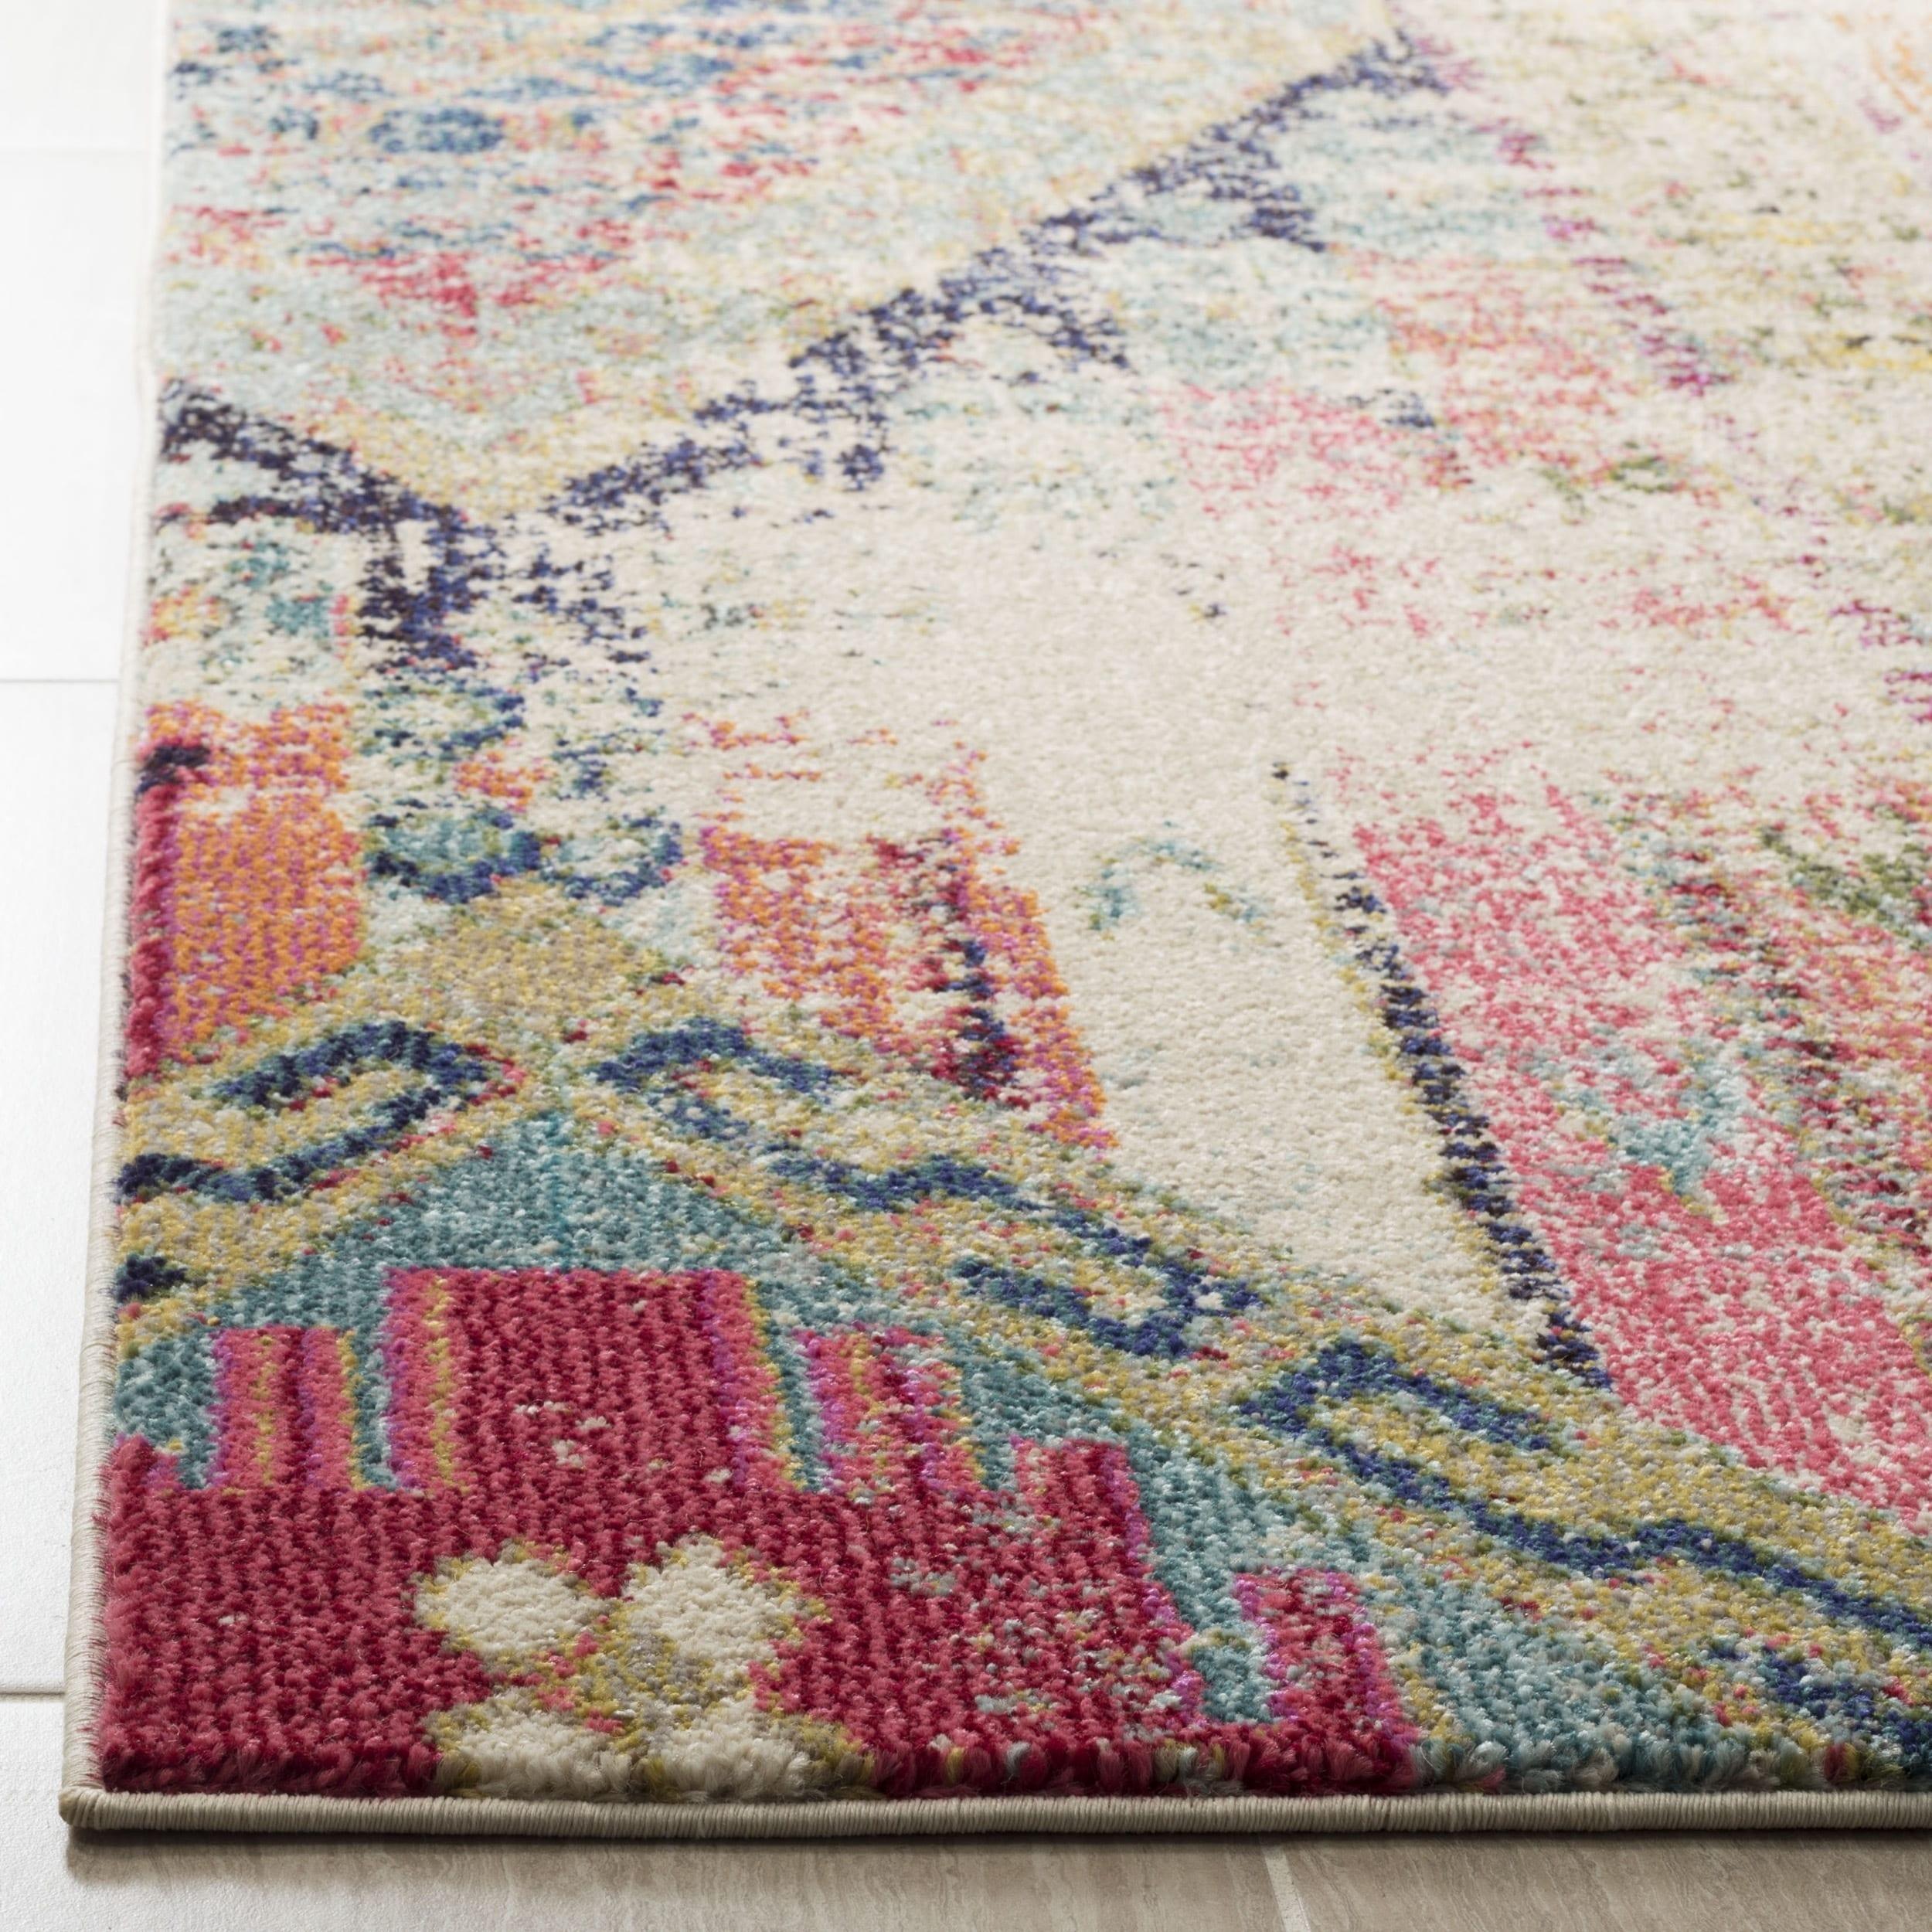 rugs rug imageoptim vintage acs wsi sparkle bohemian